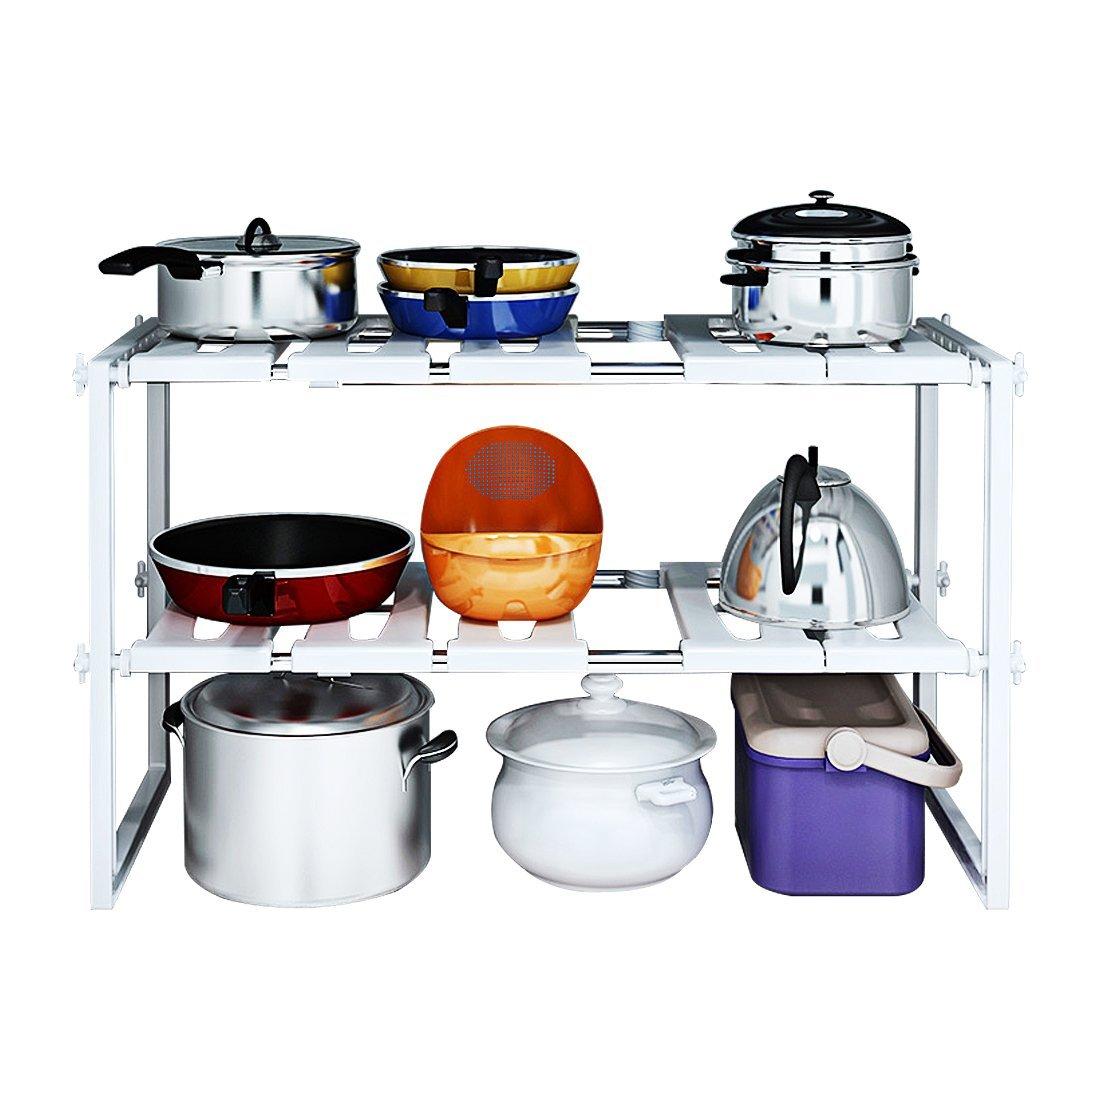 3 Tier Shelf Organizer Under Sink Rack Cabinet Storage: 2-Tier Space Saving Expendable Under Sink Shelf Adjustable